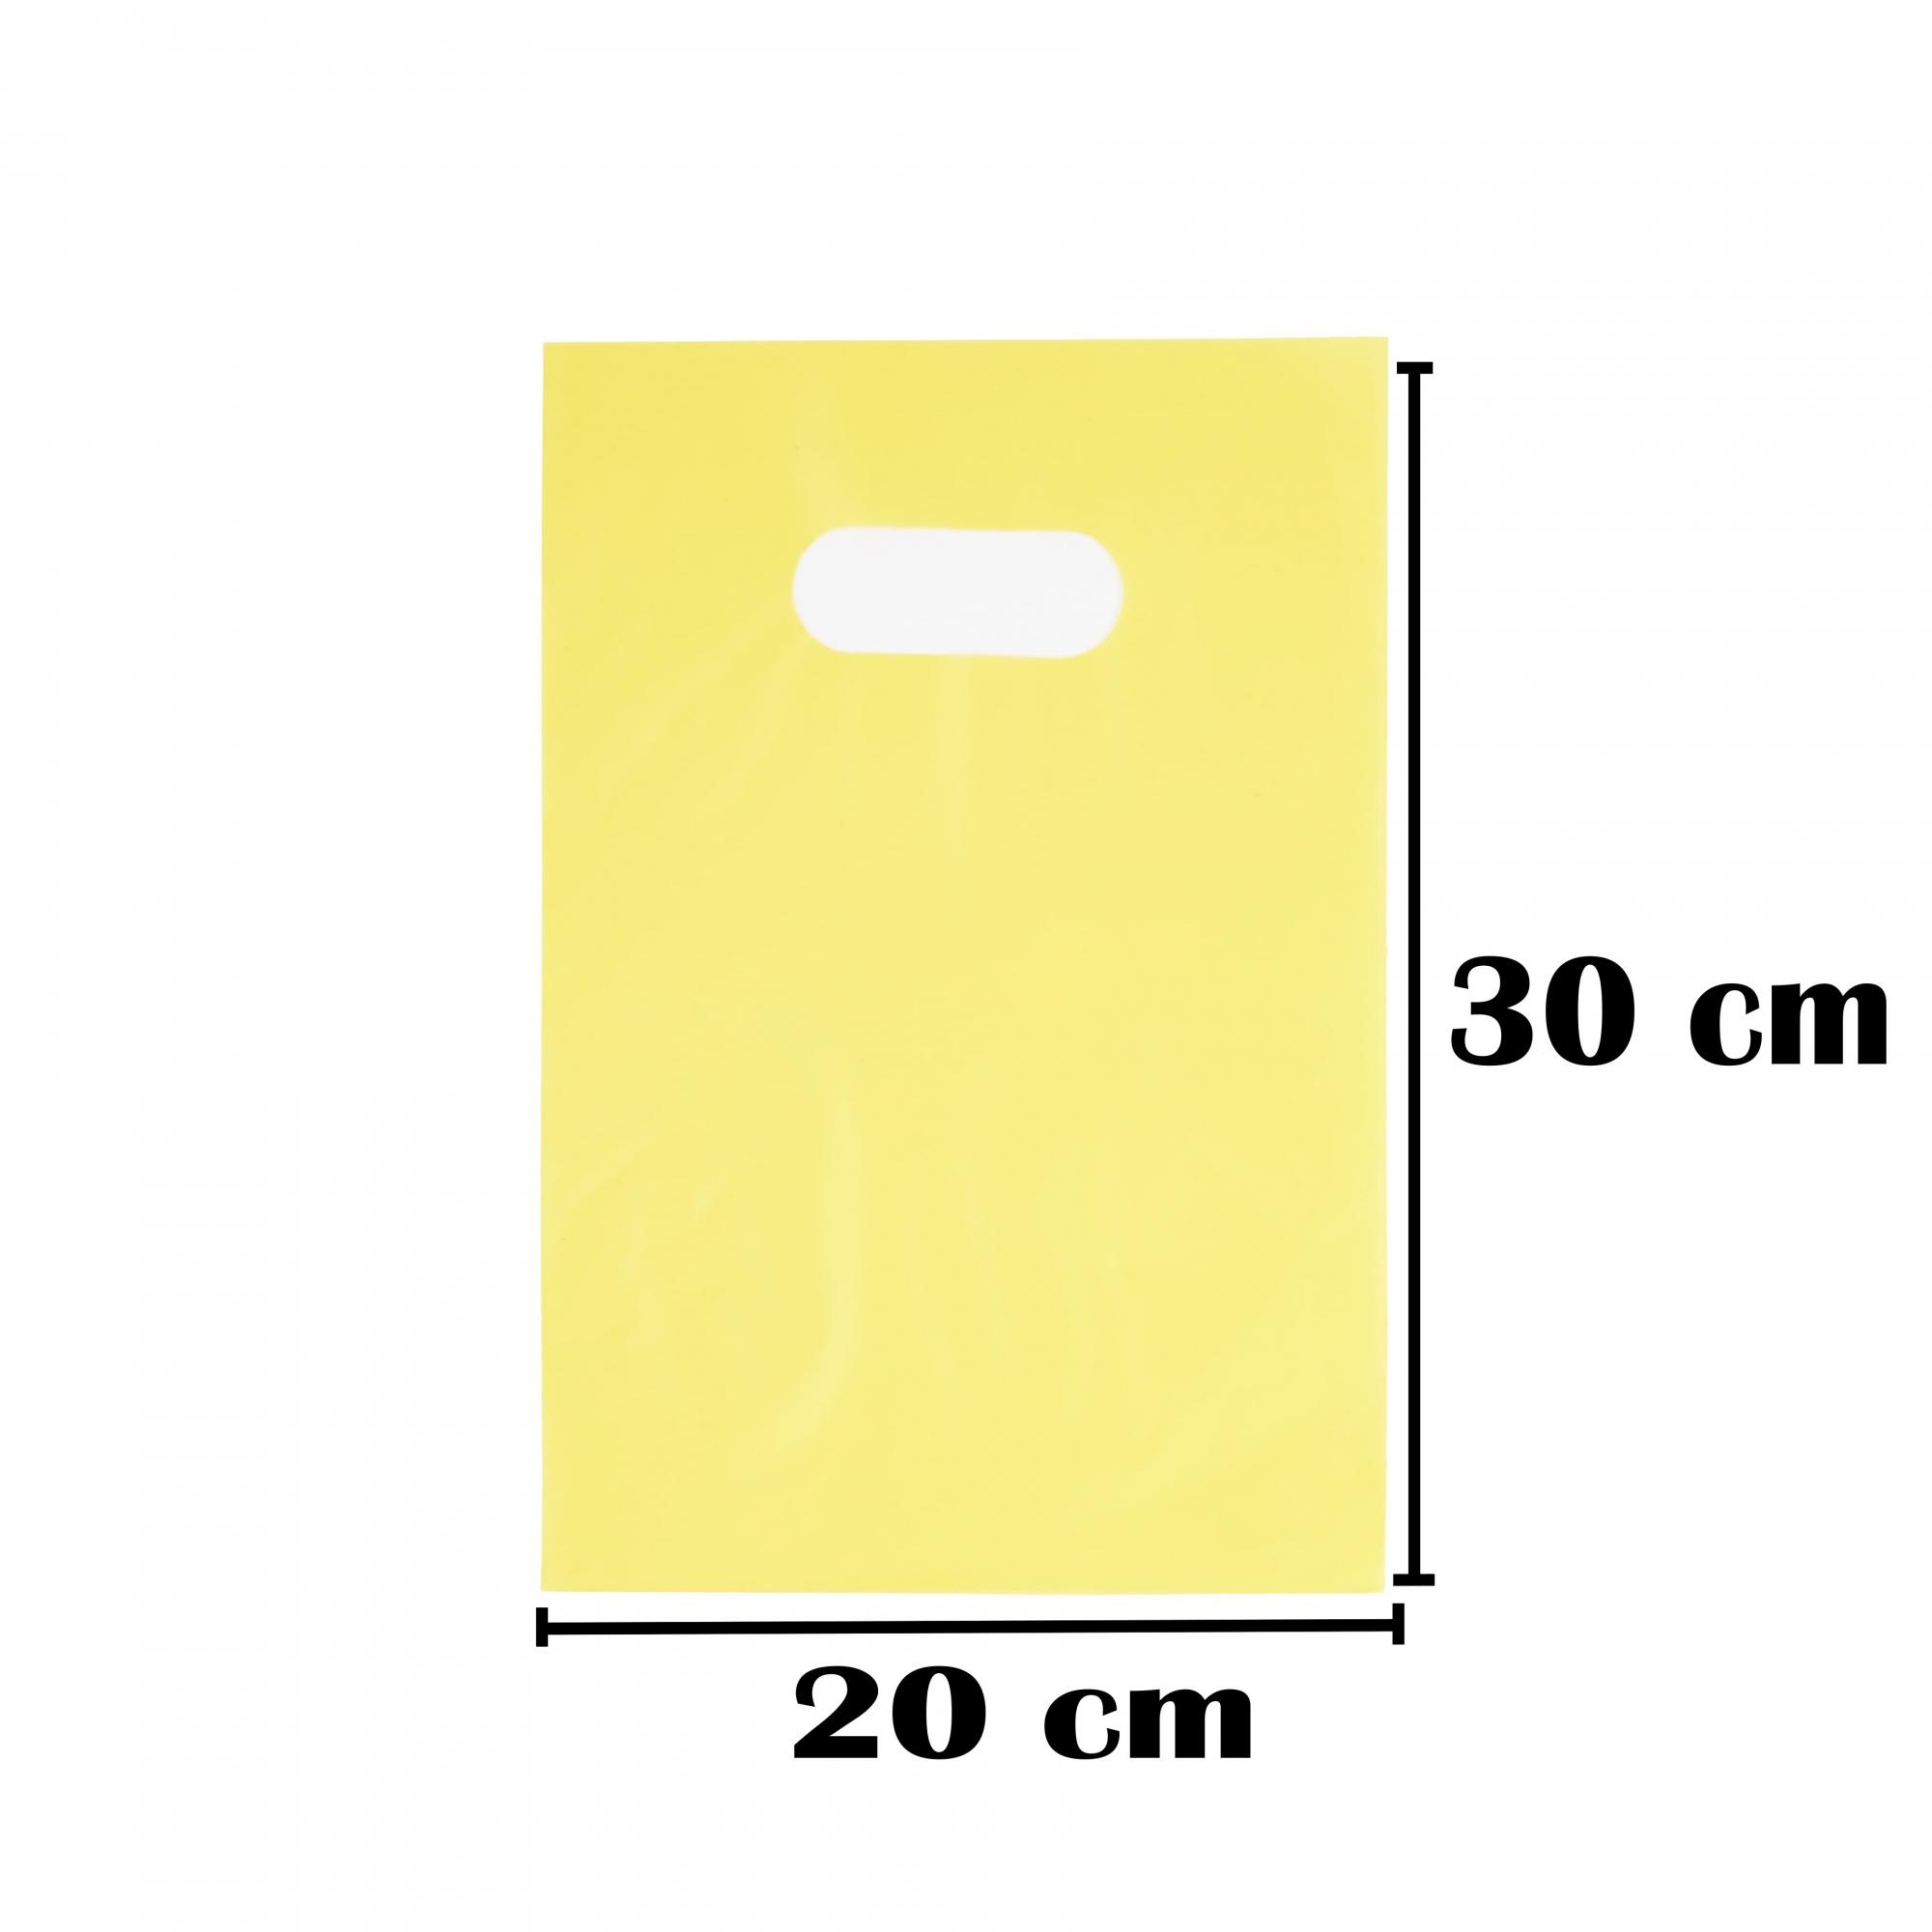 Sacola Plástica 20x30 Amarela Alça Boca de Palhaço 100 Unidades